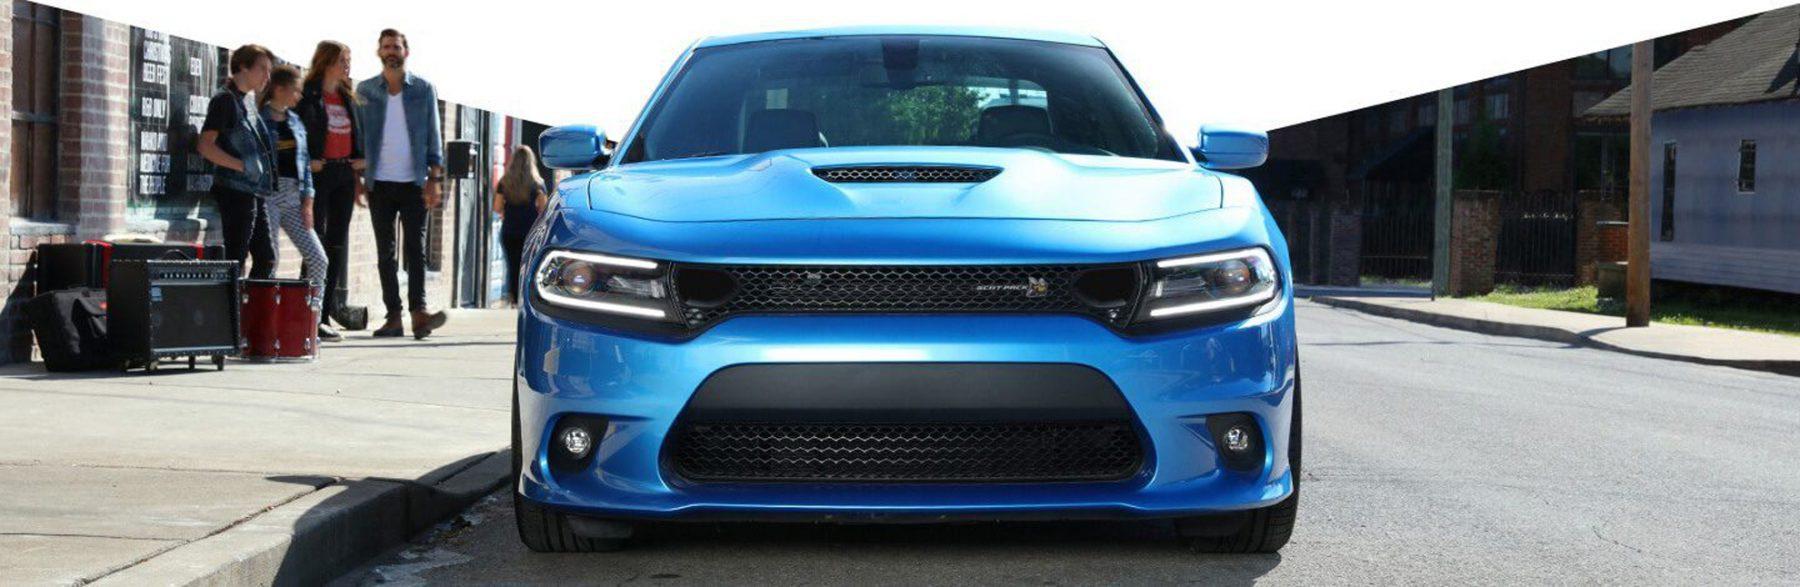 Blue Scat Pack Dodge Charger lights